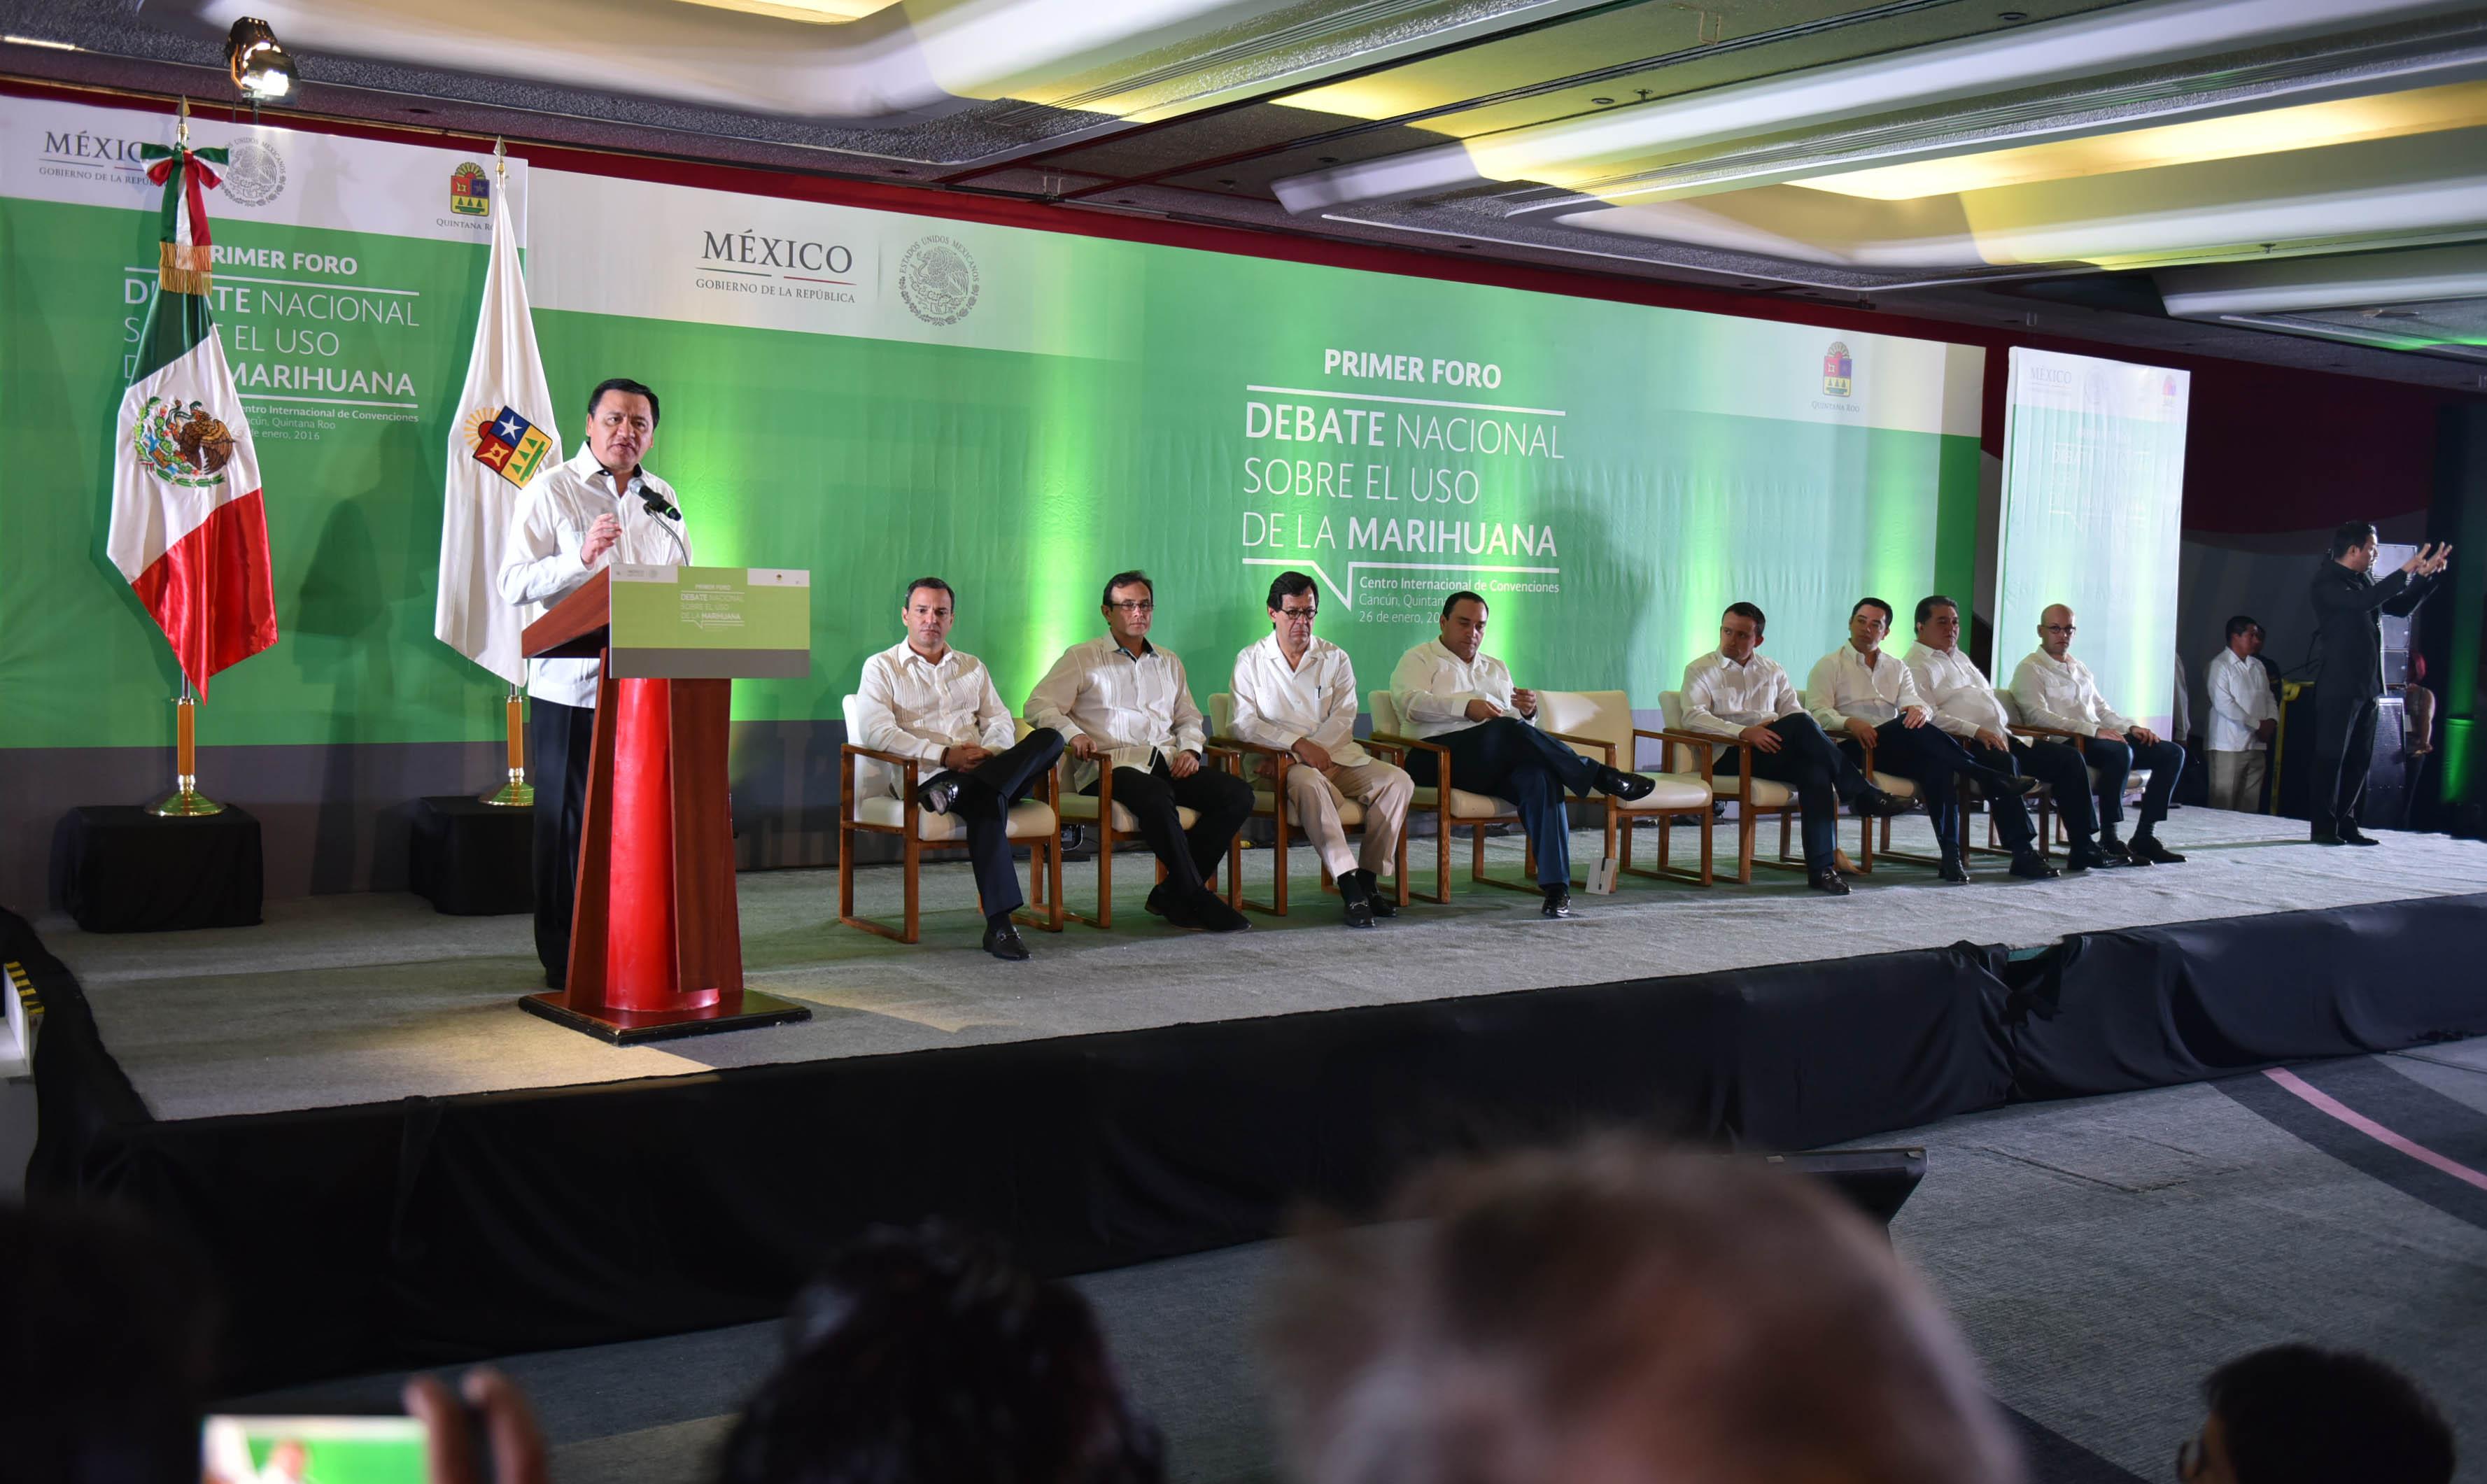 Al inaugurar el primer Foro del Debate Nacional sobre el Uso de la Marihuana